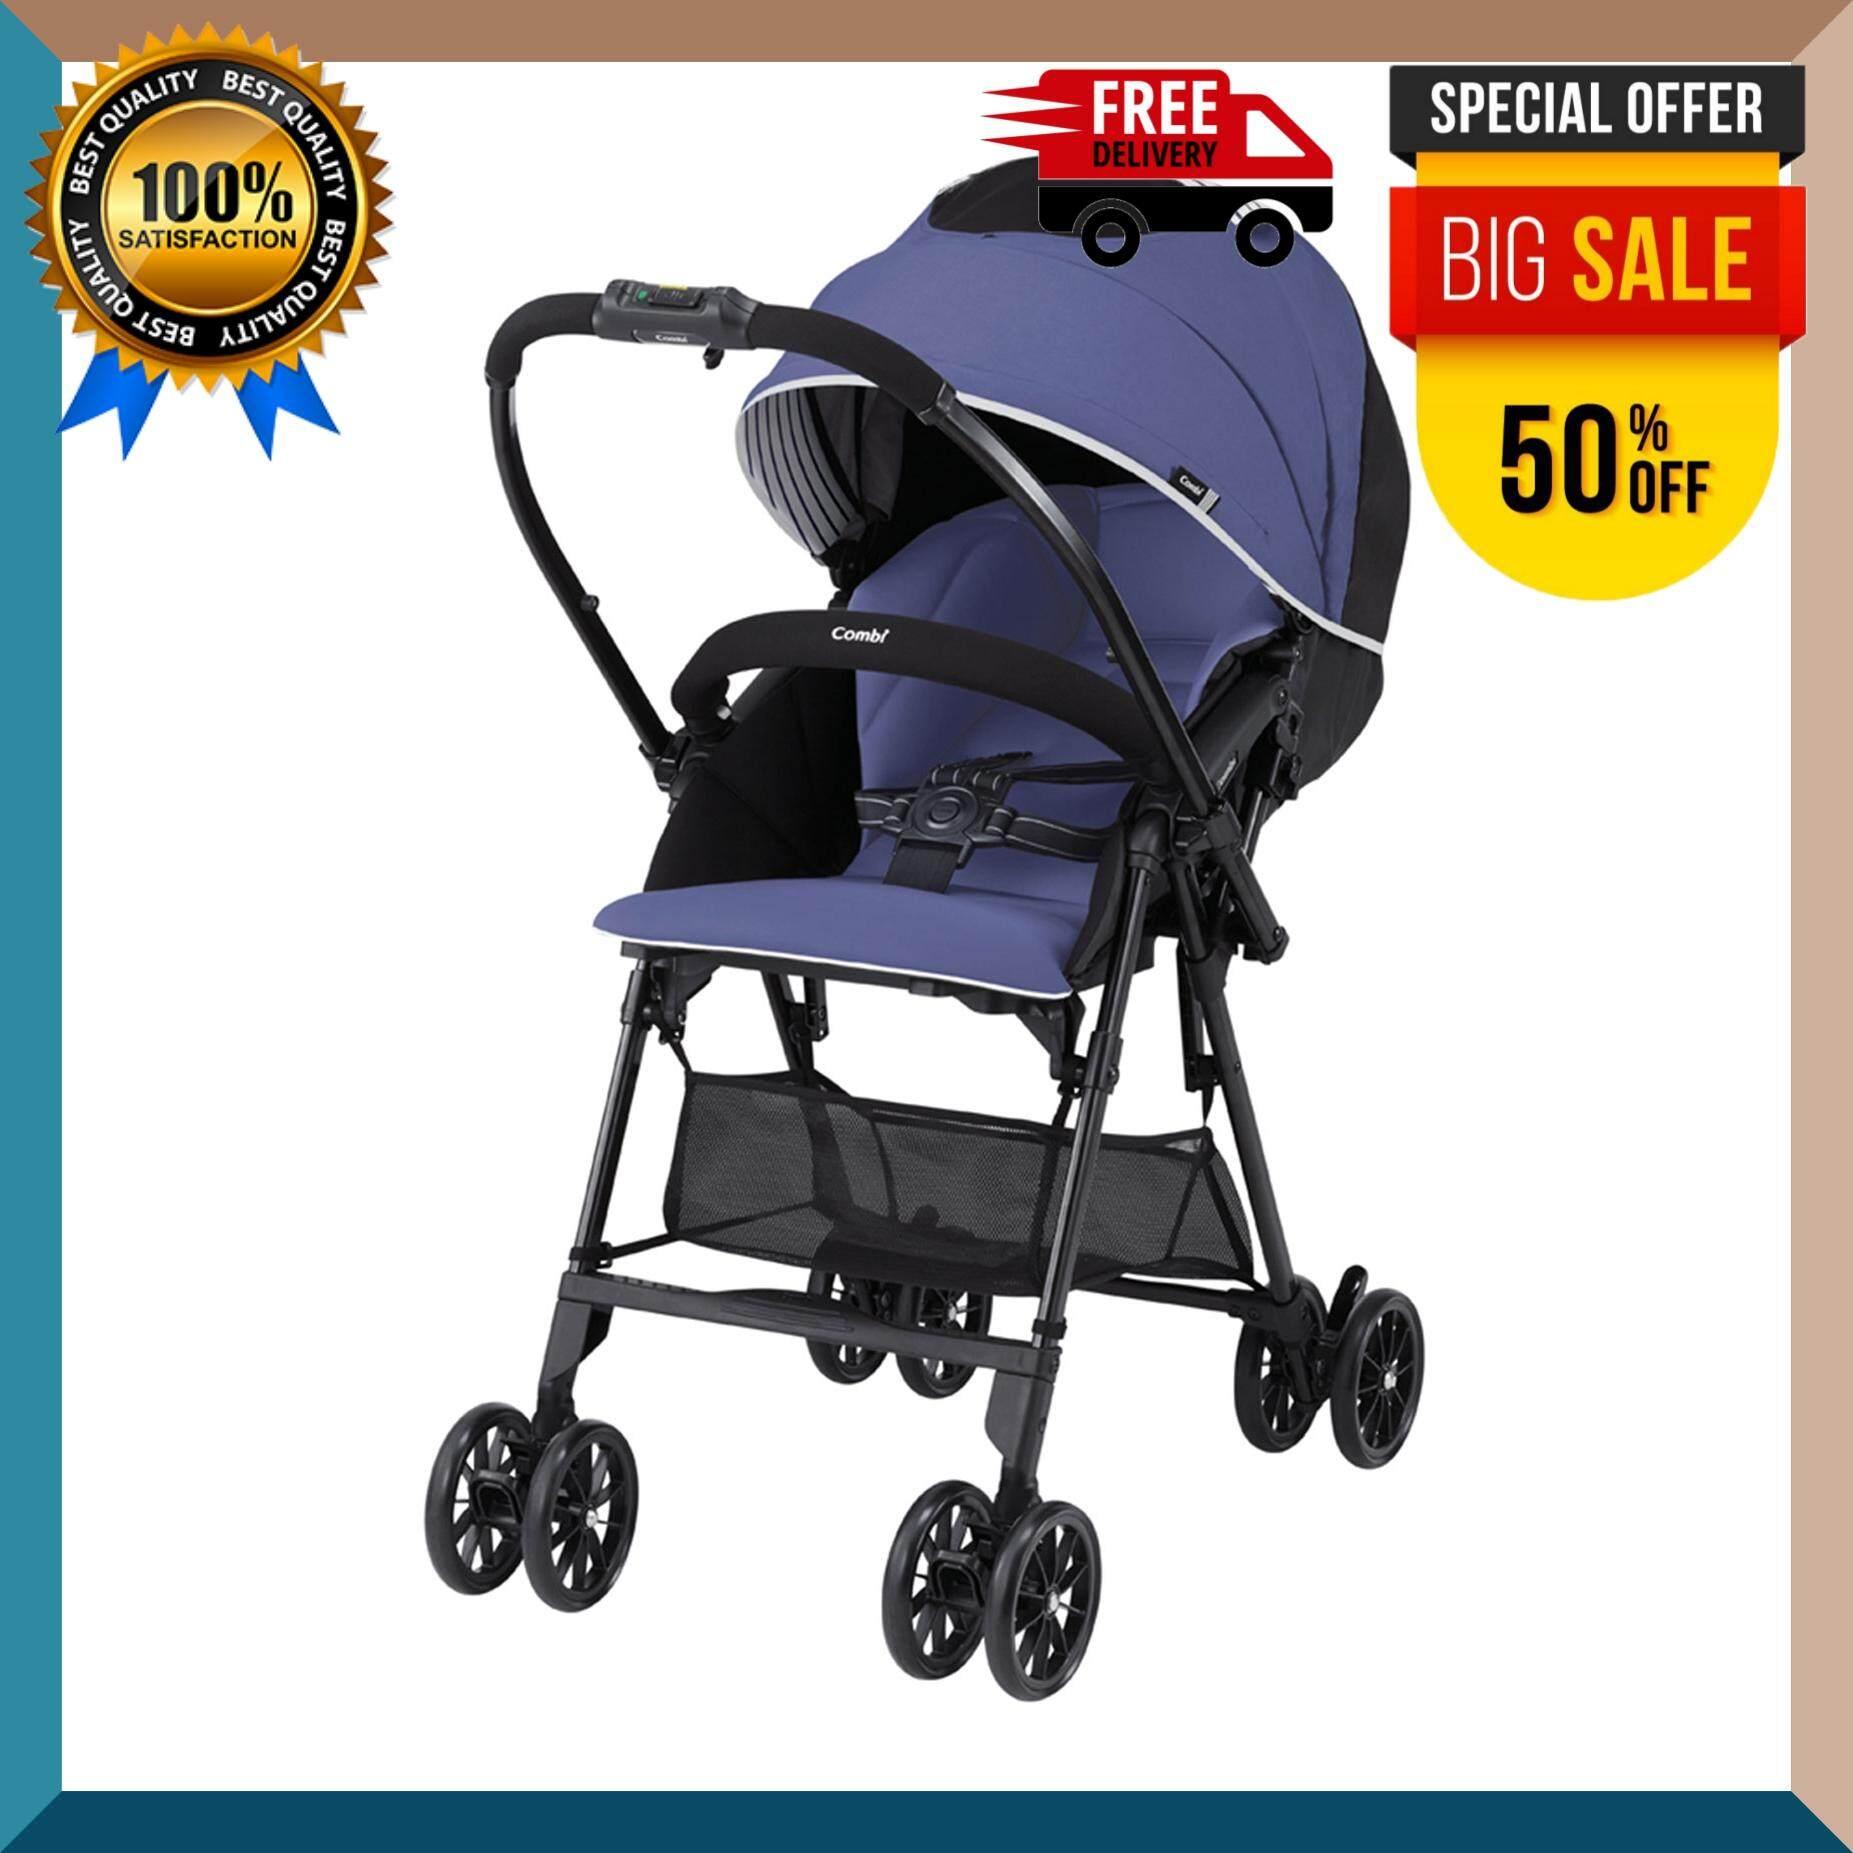 COMBI รถเข็นเด็ก รุ่น Mechacal Handy S 117027 สีม่วง รถเข็นเด็ก เป้อุ้มเด็ก อุปกรณ์เด็ก เบาะติดรถยนต์  สำหรับเด็ก เสริมพัฒนาการเด็ก ปลอดภัยสูง ***จัดส่งฟรี***